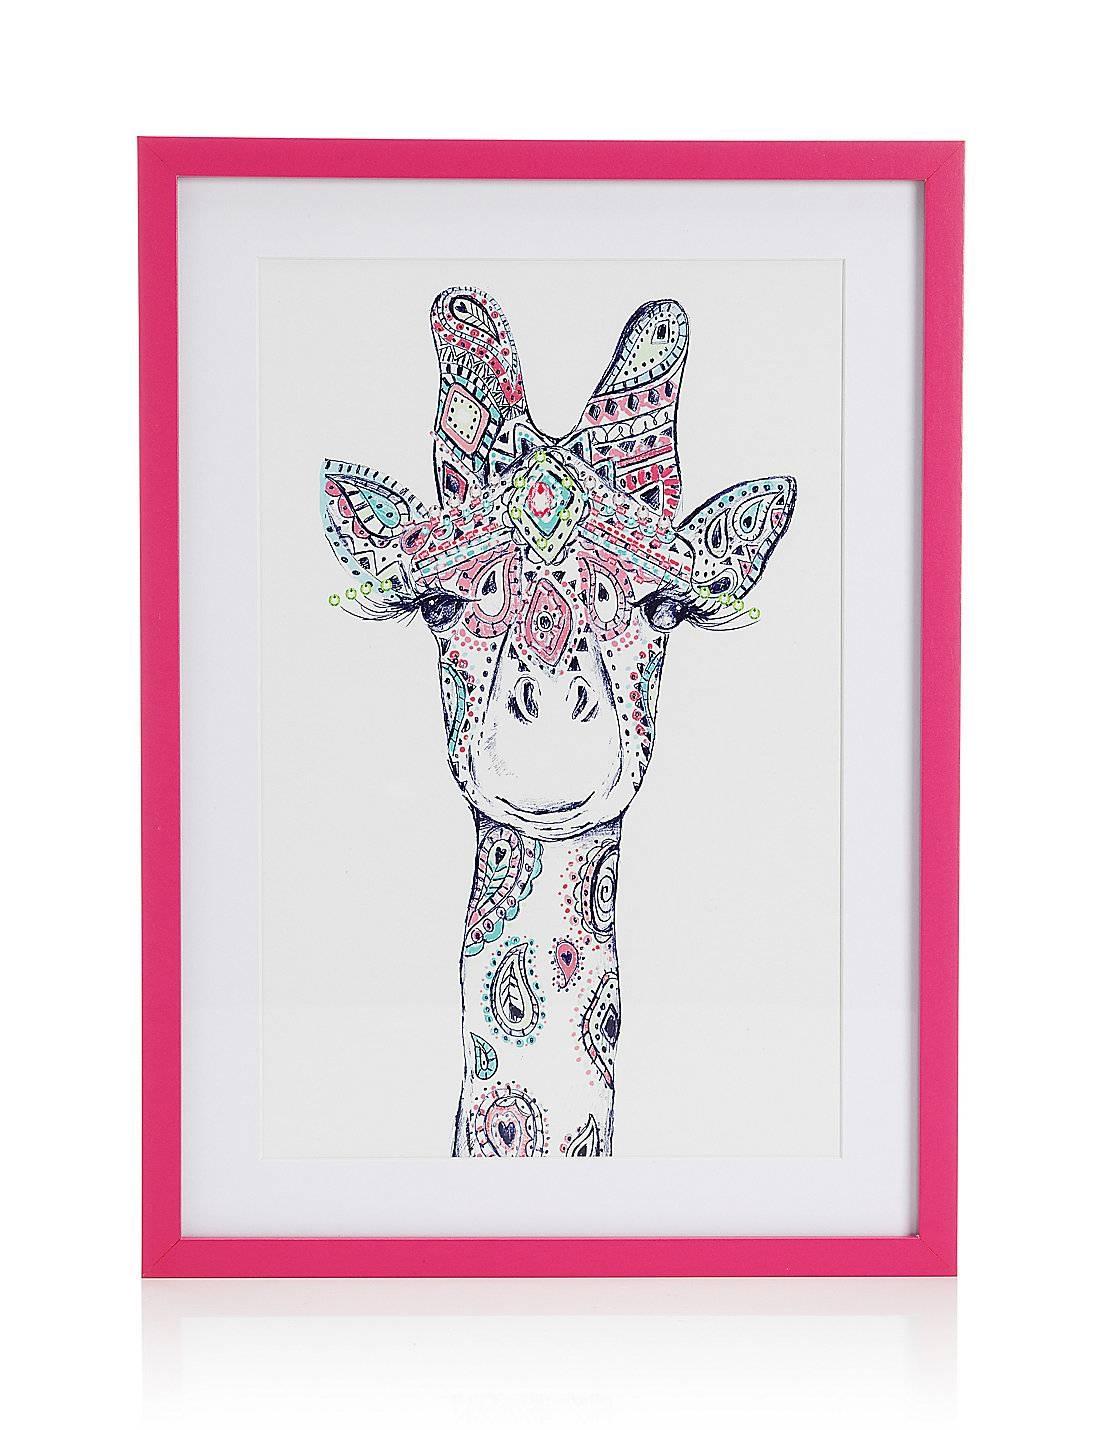 Wall Art Designs: Giraffe Wall Art Giraffe Wall Decor Framed Wall Pertaining To Latest Giraffe Metal Wall Art (View 18 of 20)